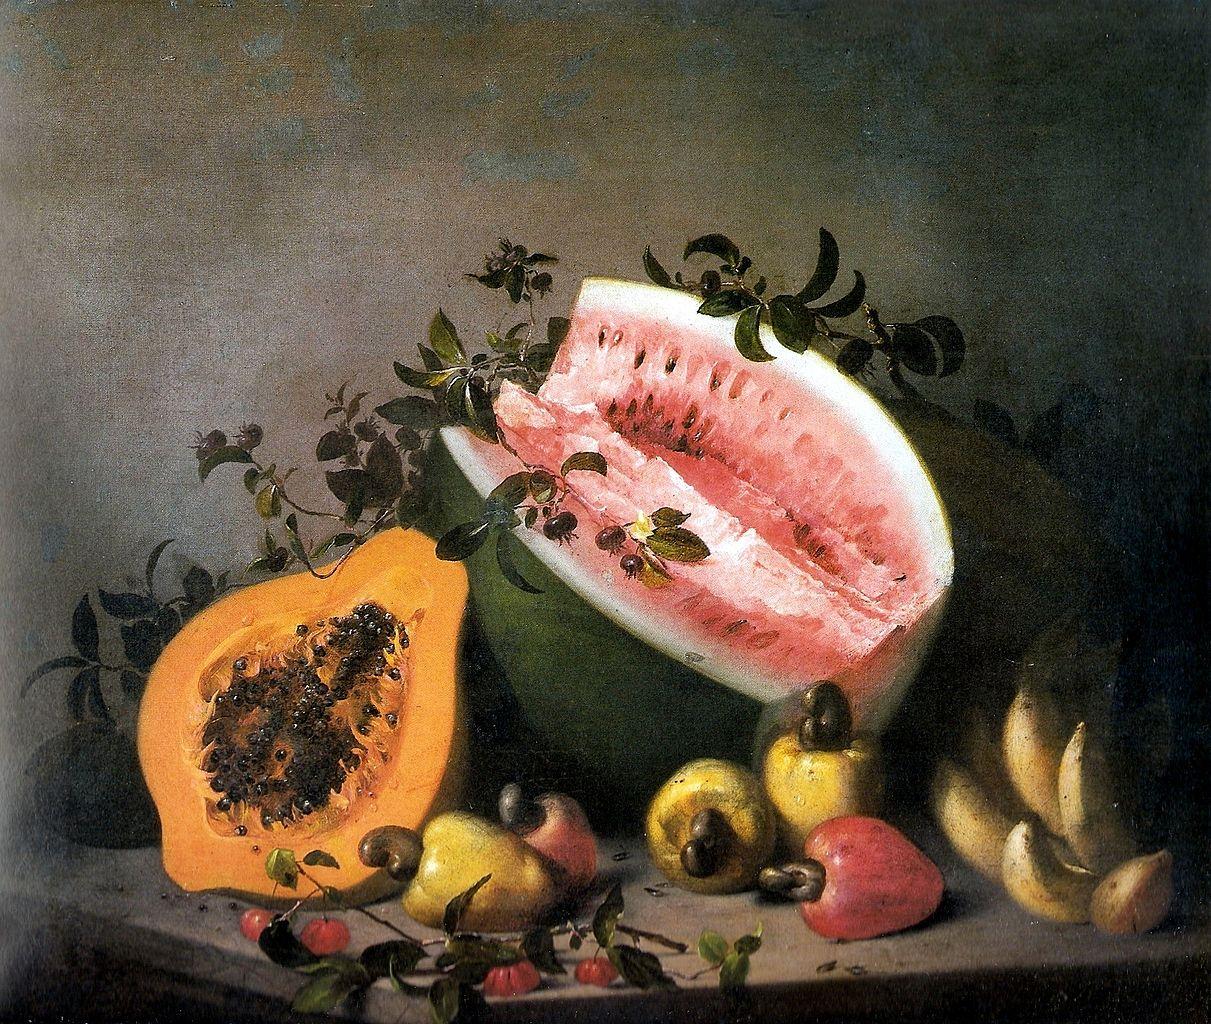 """Agostinho José da Mota, """"Papaya and watermelon"""" (1860), oil on canvas (via Museu Nacional de Belas Artes)"""